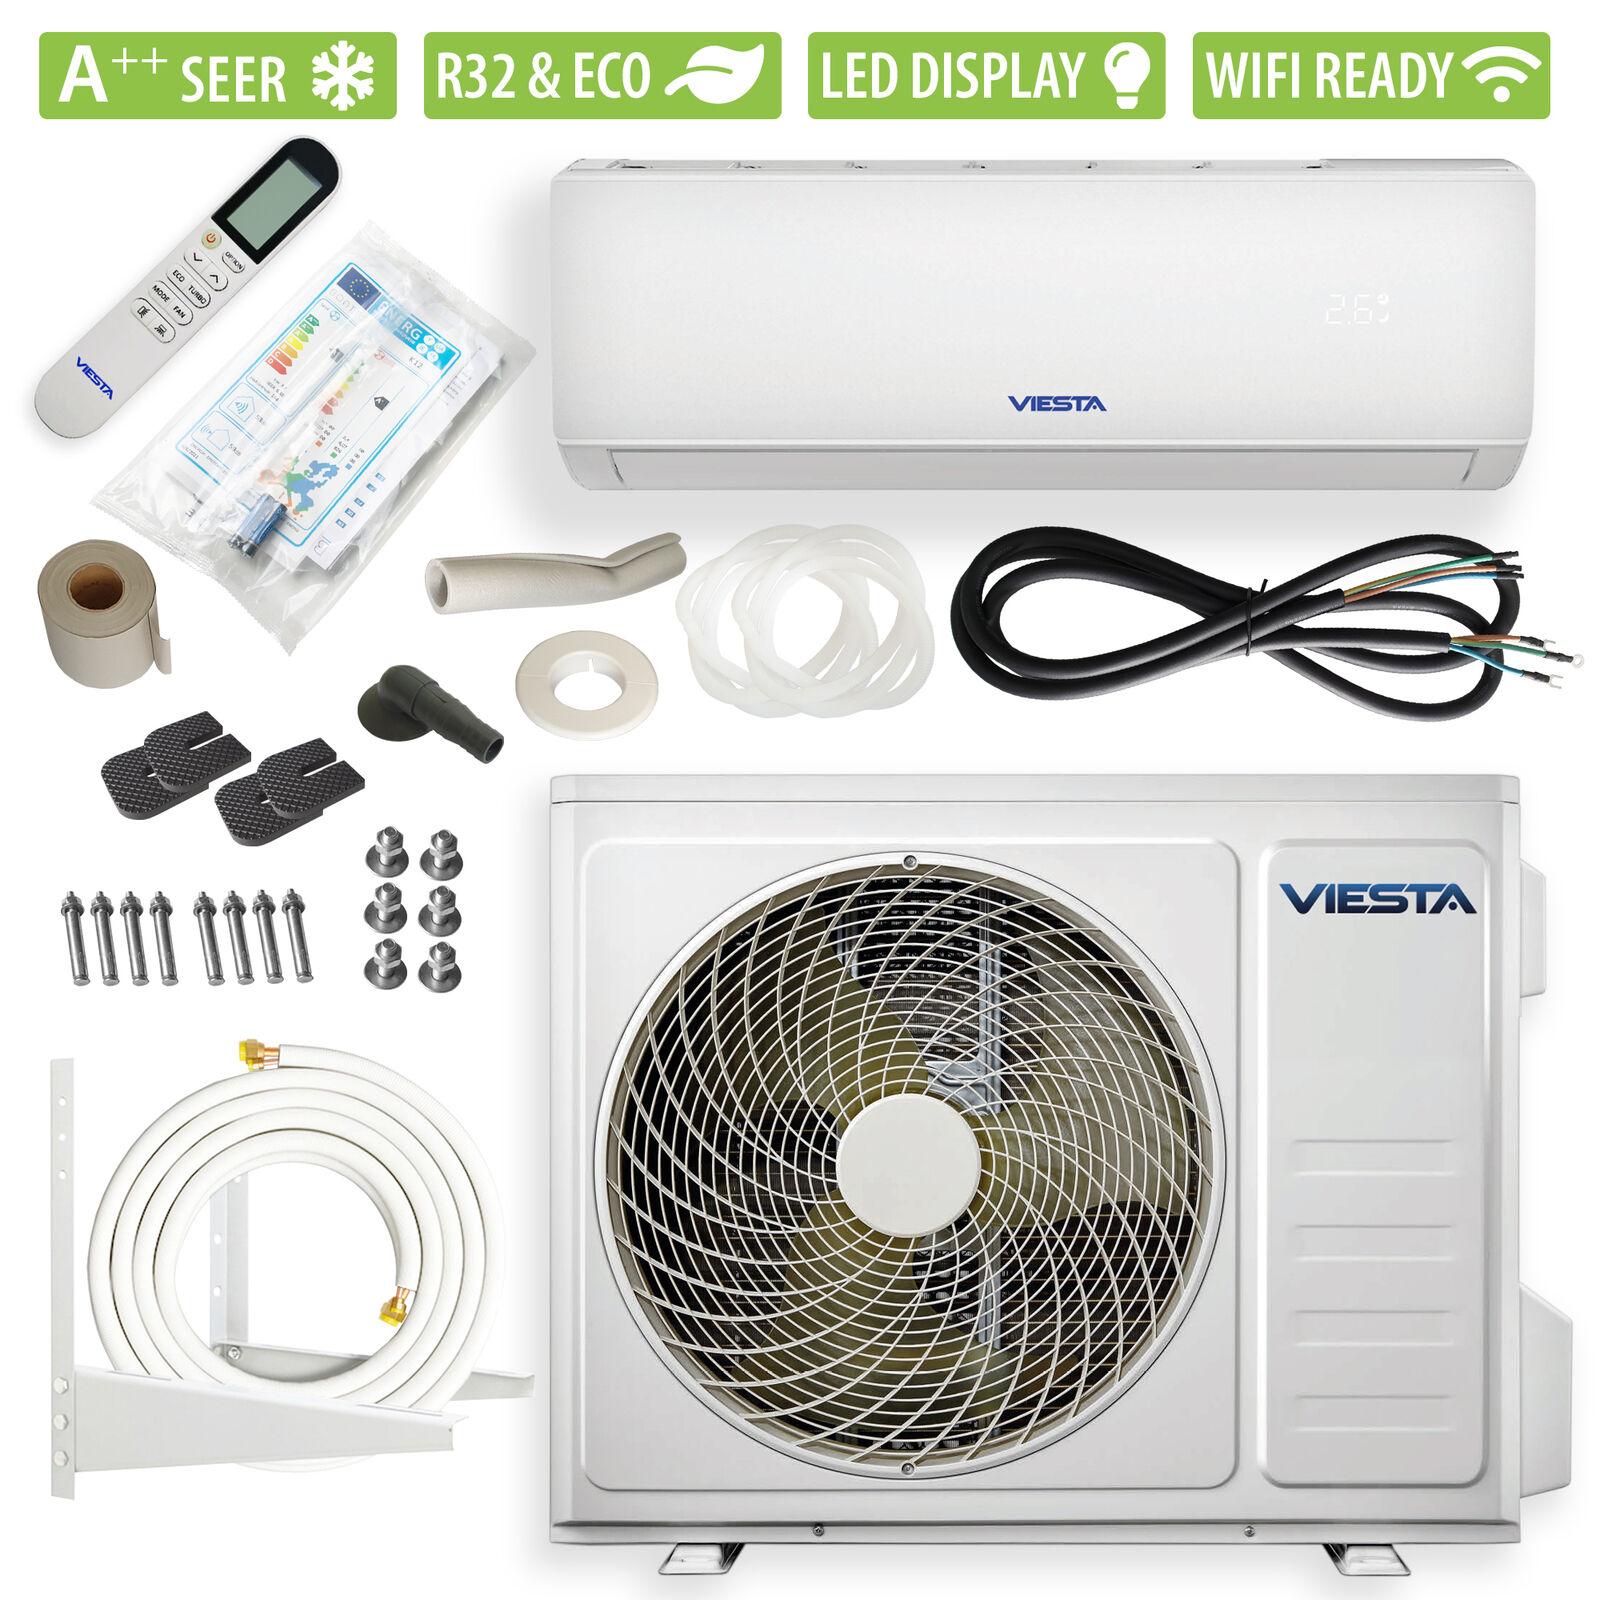 VIESTA 18SM Split Klimaanlage Klimagerät Inverter 18000BTU 5,1kW WiFi-Ready A++